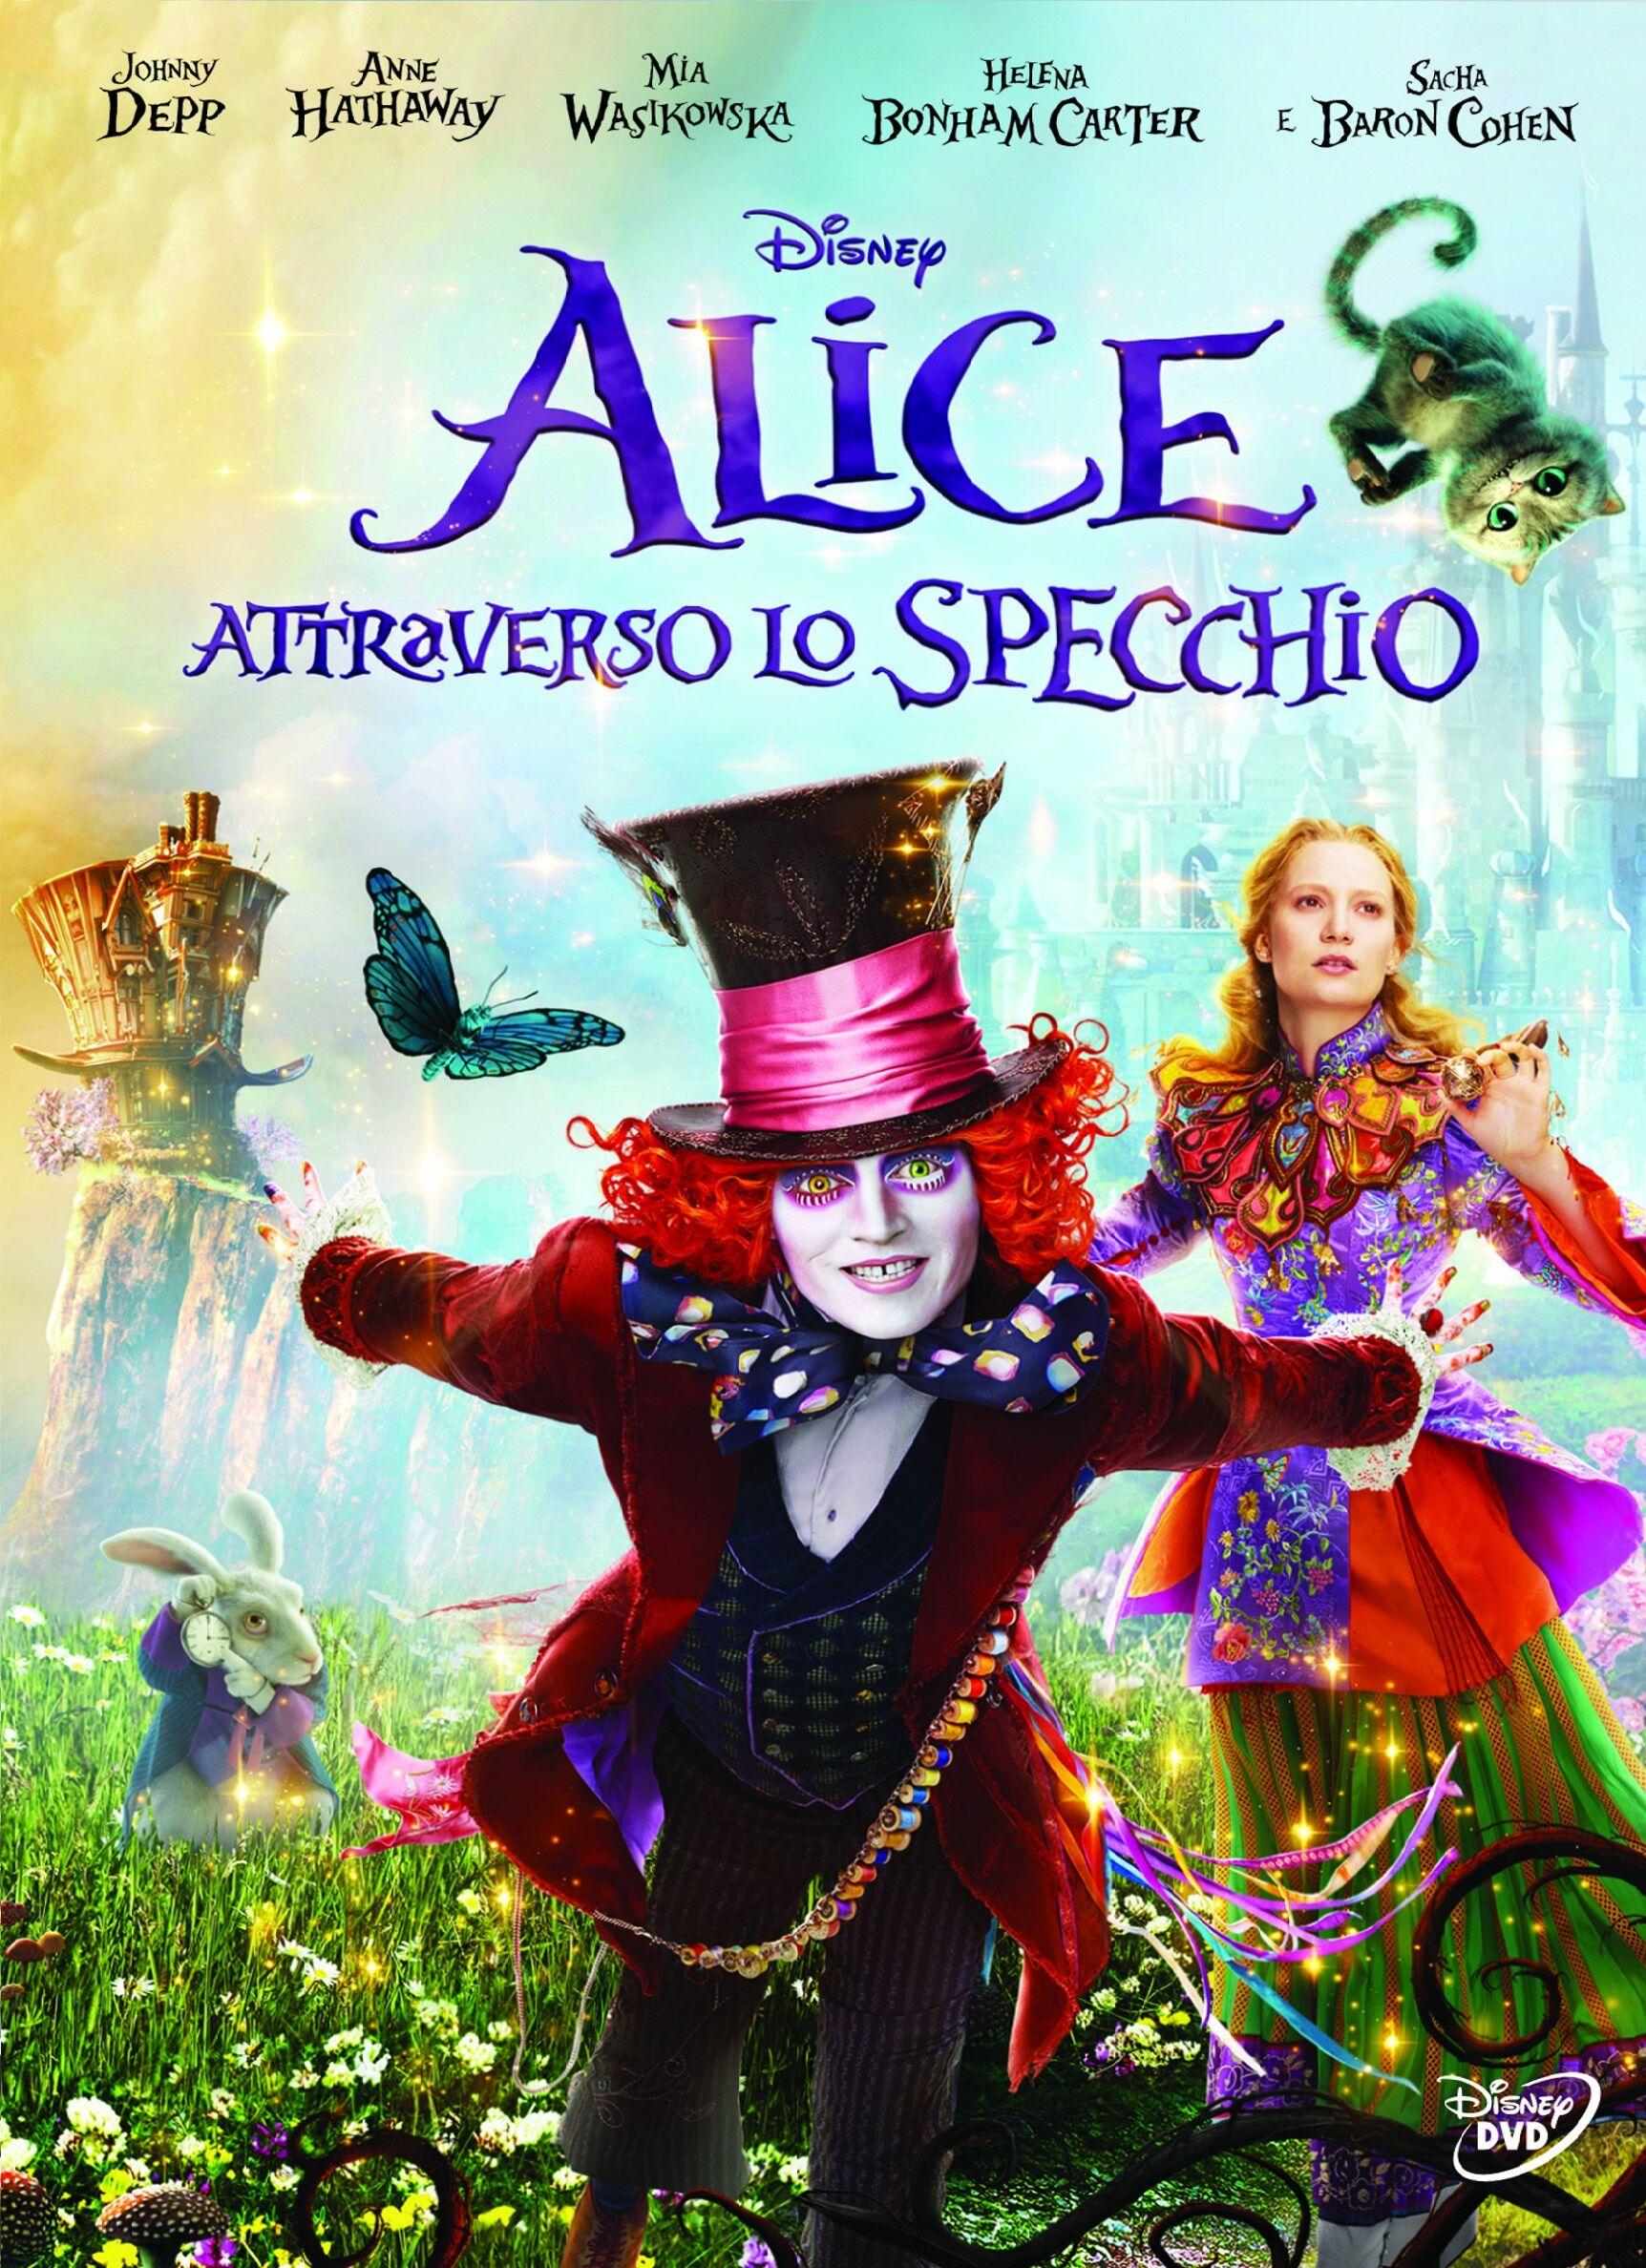 Alice attraverso lo specchio dvd film dvd film di james bobin fantastico ibs - Film alice attraverso lo specchio ...